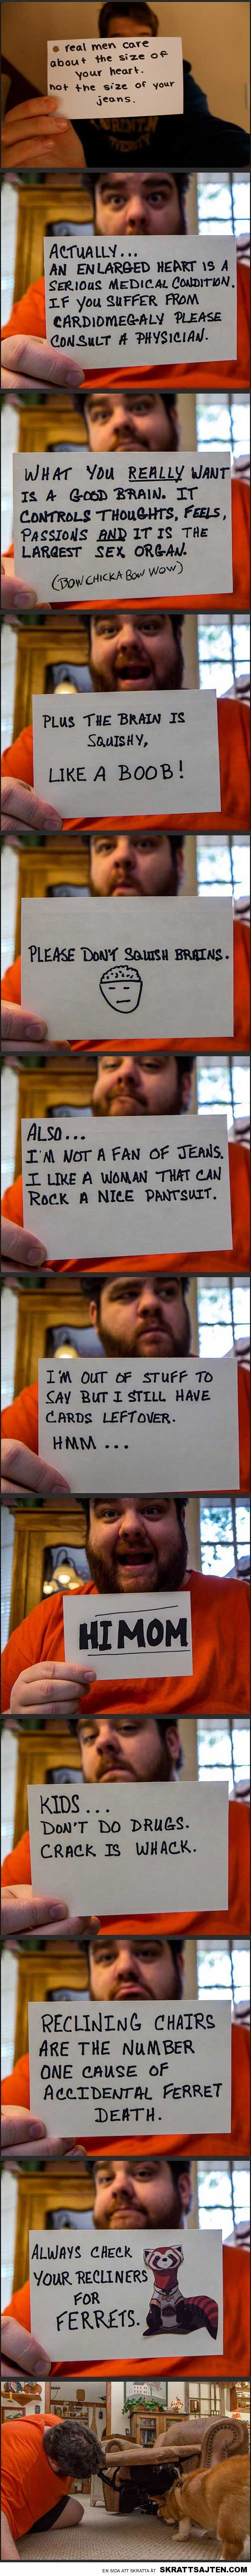 Notecard Wisdom